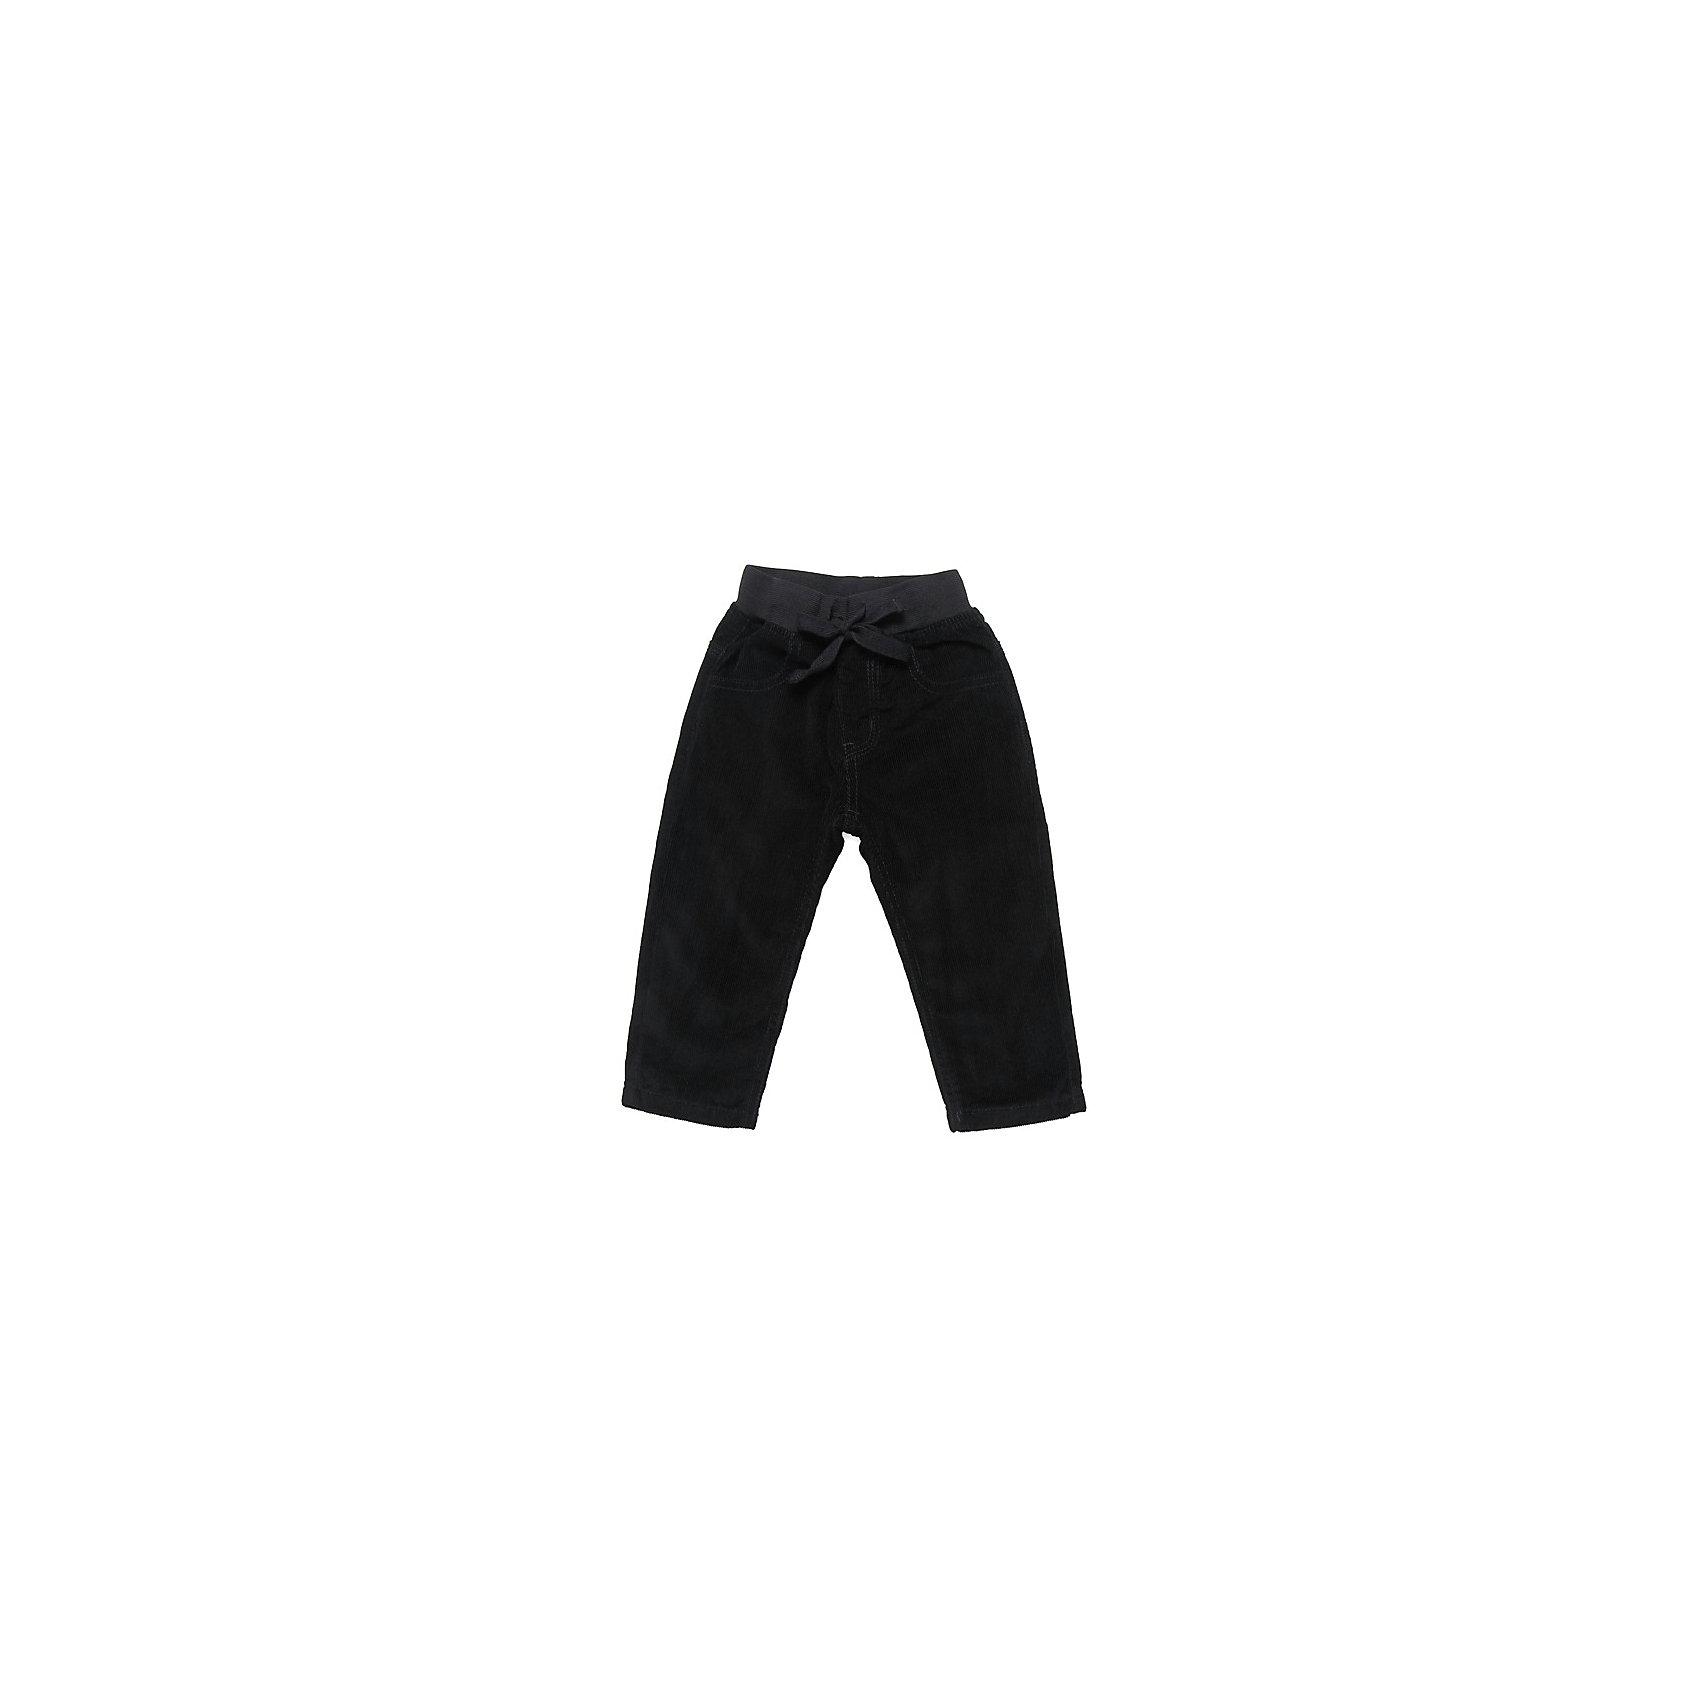 Брюки для мальчика Sweet BerryБрюки<br>Брюки для мальчика от известного бренда Sweet Berryсивол(10)Красивые брюки из мягкого вельвета на хлопковой трикотажной подкладке. Пояс на резинке. Спереди два функциональных кармана, сзади так же два кармана.<br>Состав:<br>100% хлопок<br><br>Ширина мм: 215<br>Глубина мм: 88<br>Высота мм: 191<br>Вес г: 336<br>Цвет: синий<br>Возраст от месяцев: 12<br>Возраст до месяцев: 15<br>Пол: Мужской<br>Возраст: Детский<br>Размер: 80,98,86,92<br>SKU: 4812754